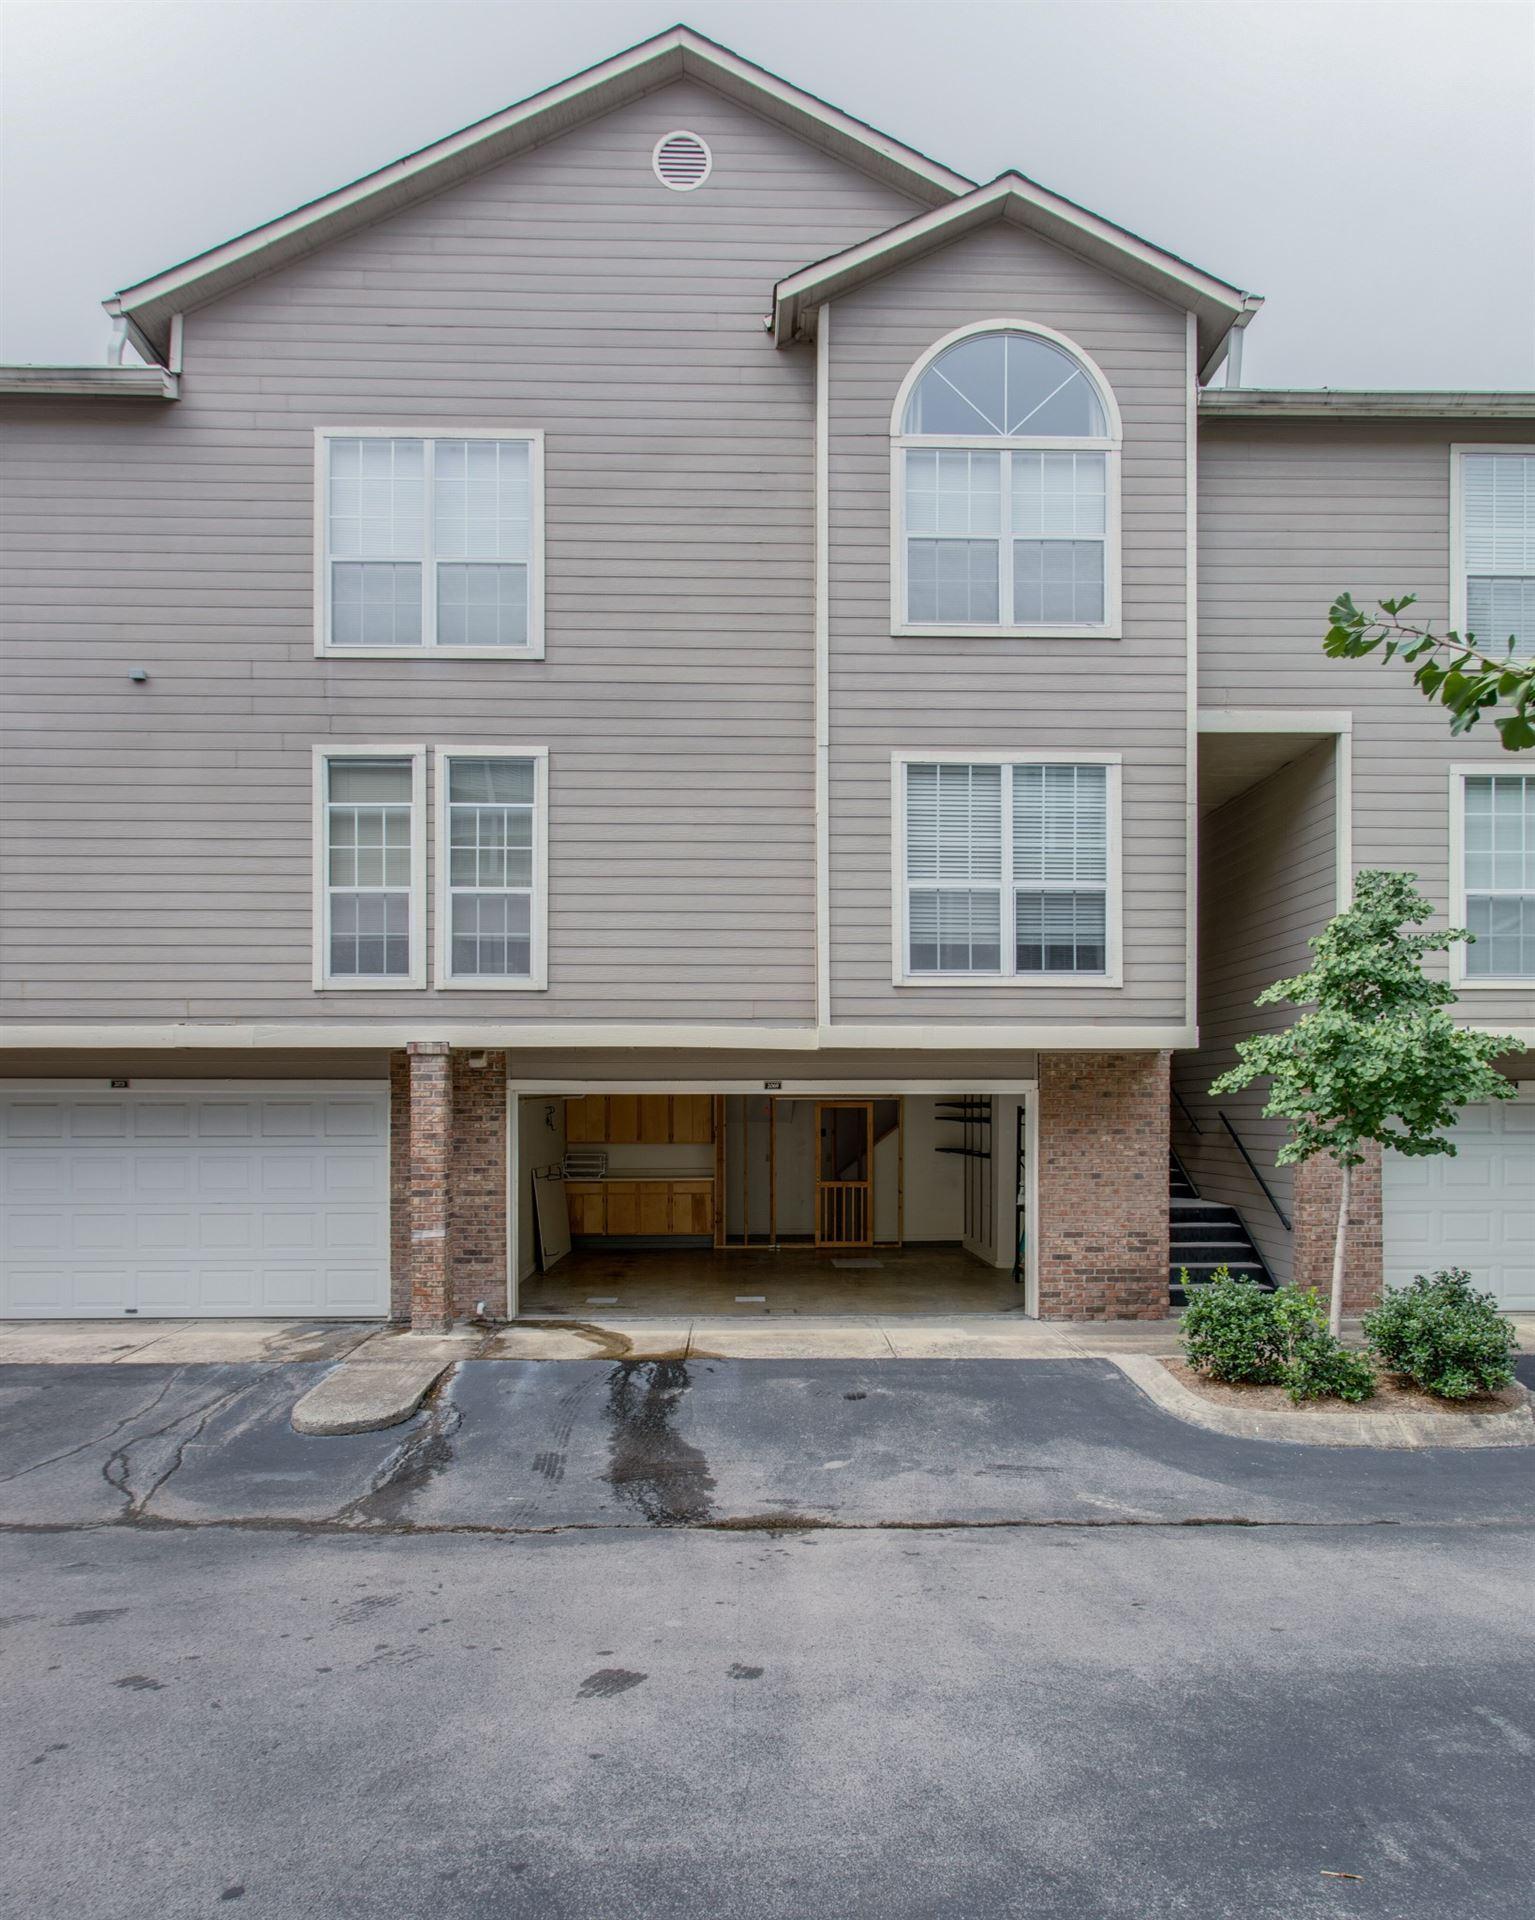 2069 Stokes Ln, Nashville, TN 37215 - MLS#: 2184485